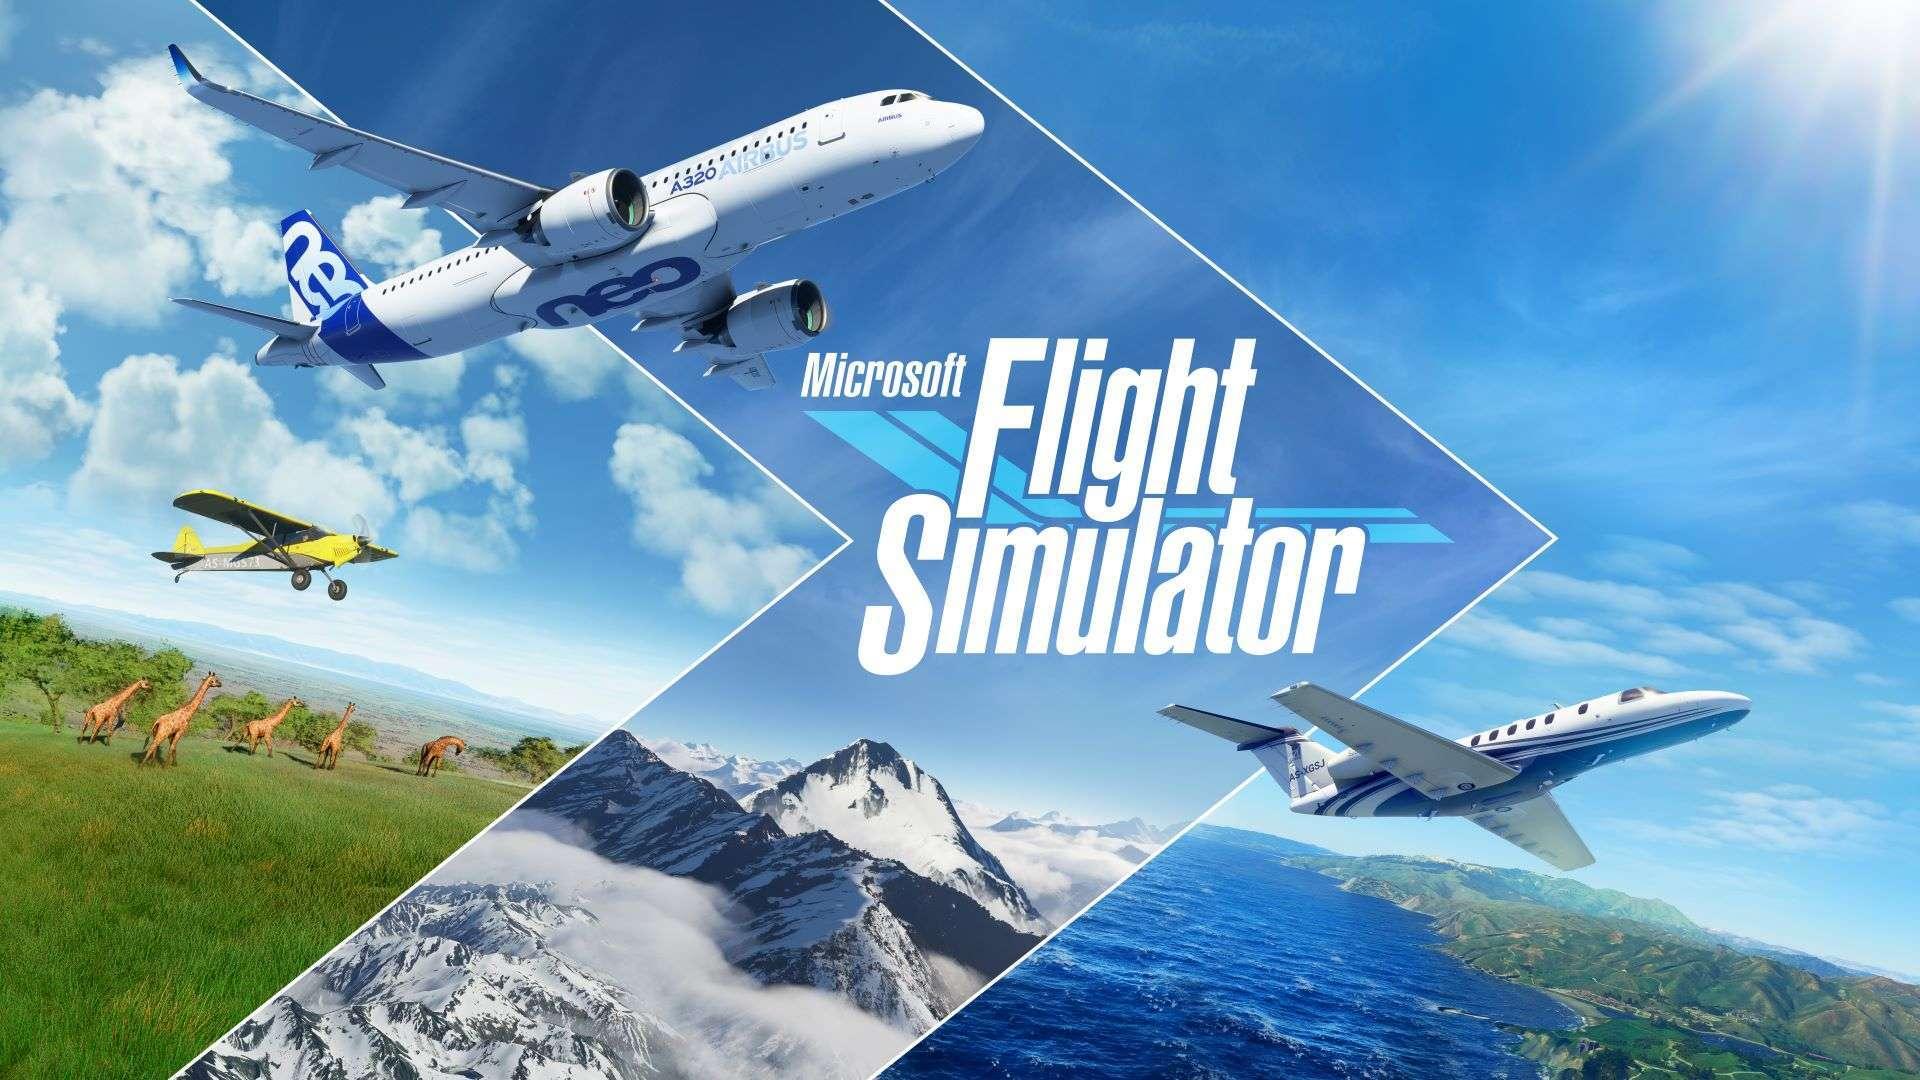 《微軟模擬飛行》Xbox 次世代主機版本上市 即刻登陸 Xbox Game PassXbox Game Pass 暑期限定遊戲特賣和抽獎活動好康大放送 @3C 達人廖阿輝